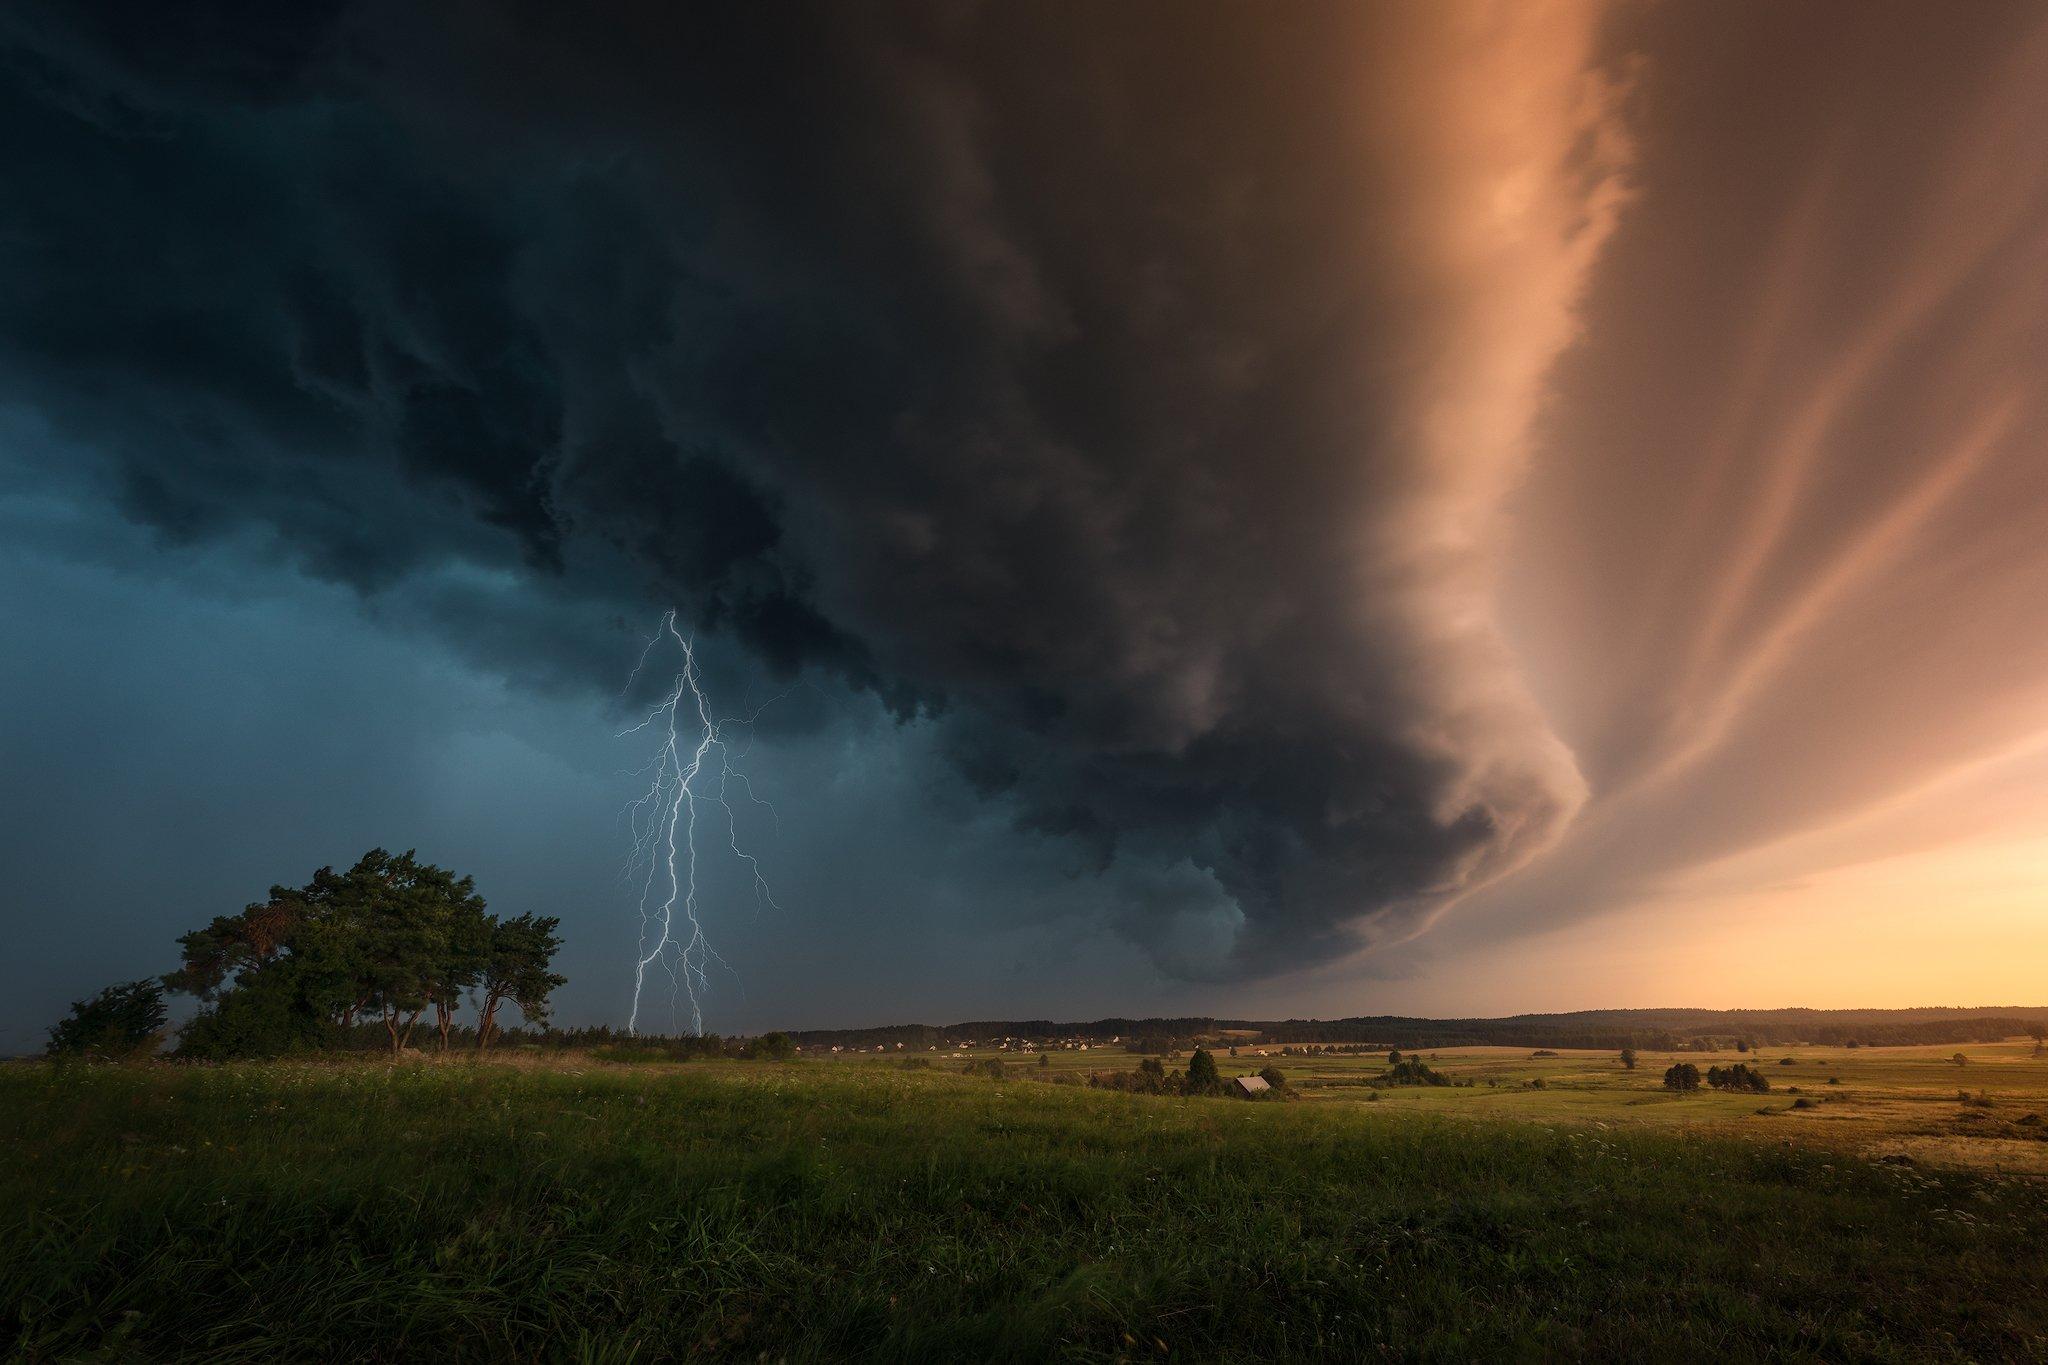 storm shelf cloud thunder lightning poland podlasie dramatic sky, Maciej Warchoł